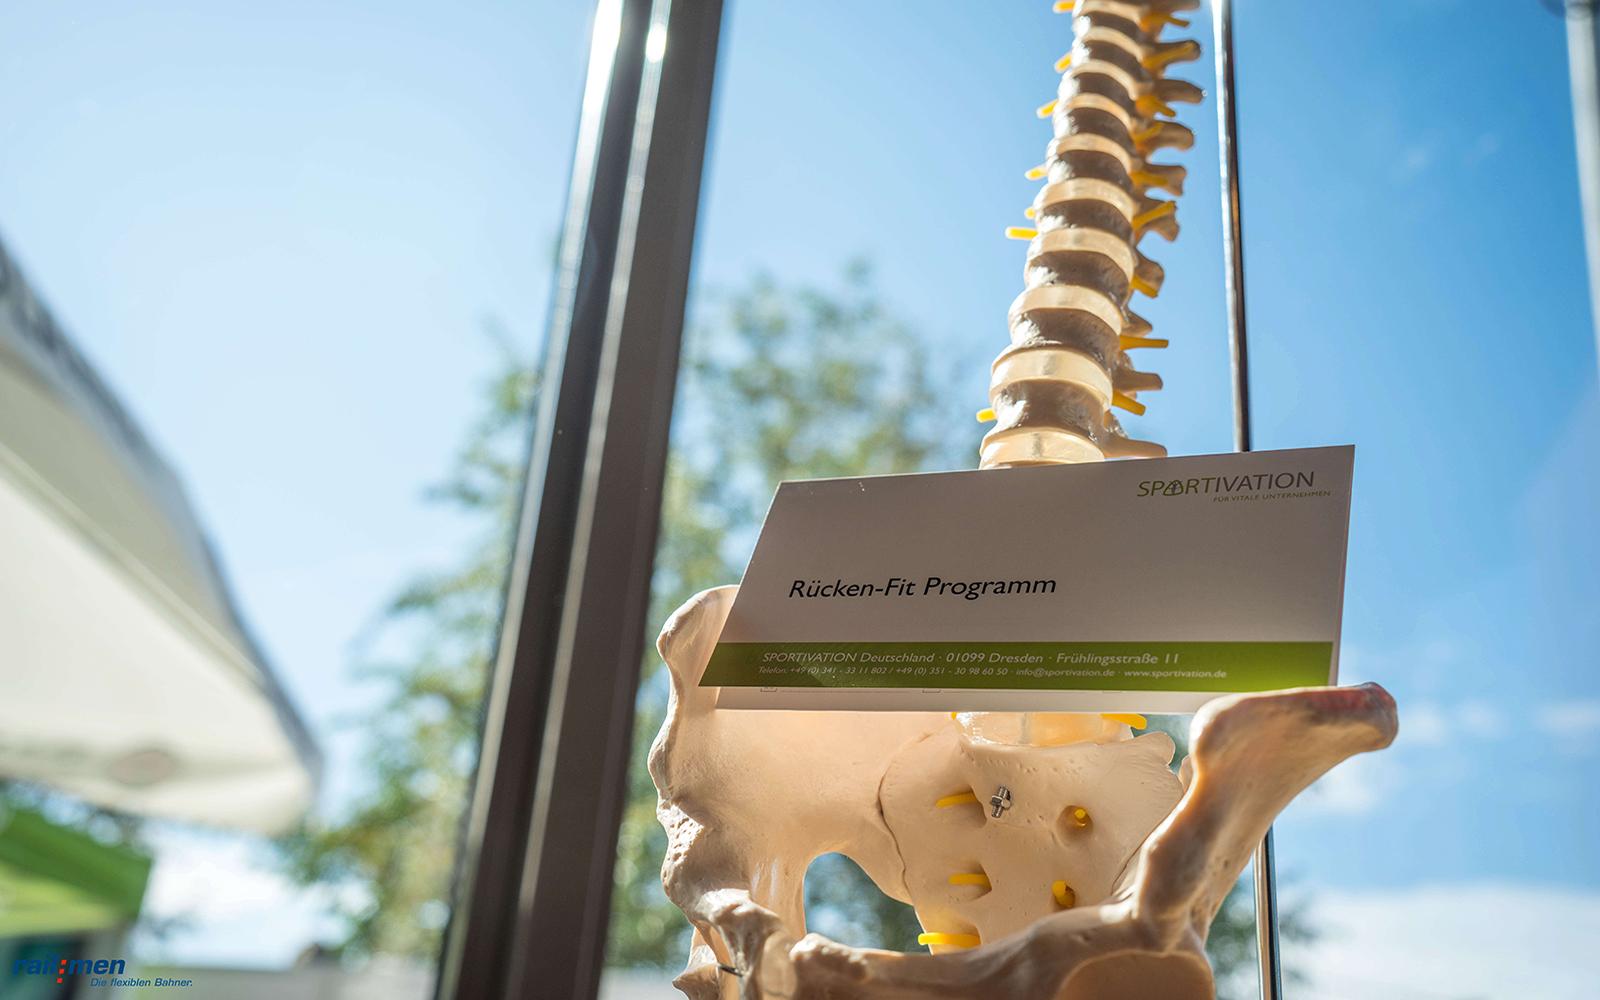 ©Foto: Philipp Prauser | SportIvation lädt zum Rücken-Fit Programm